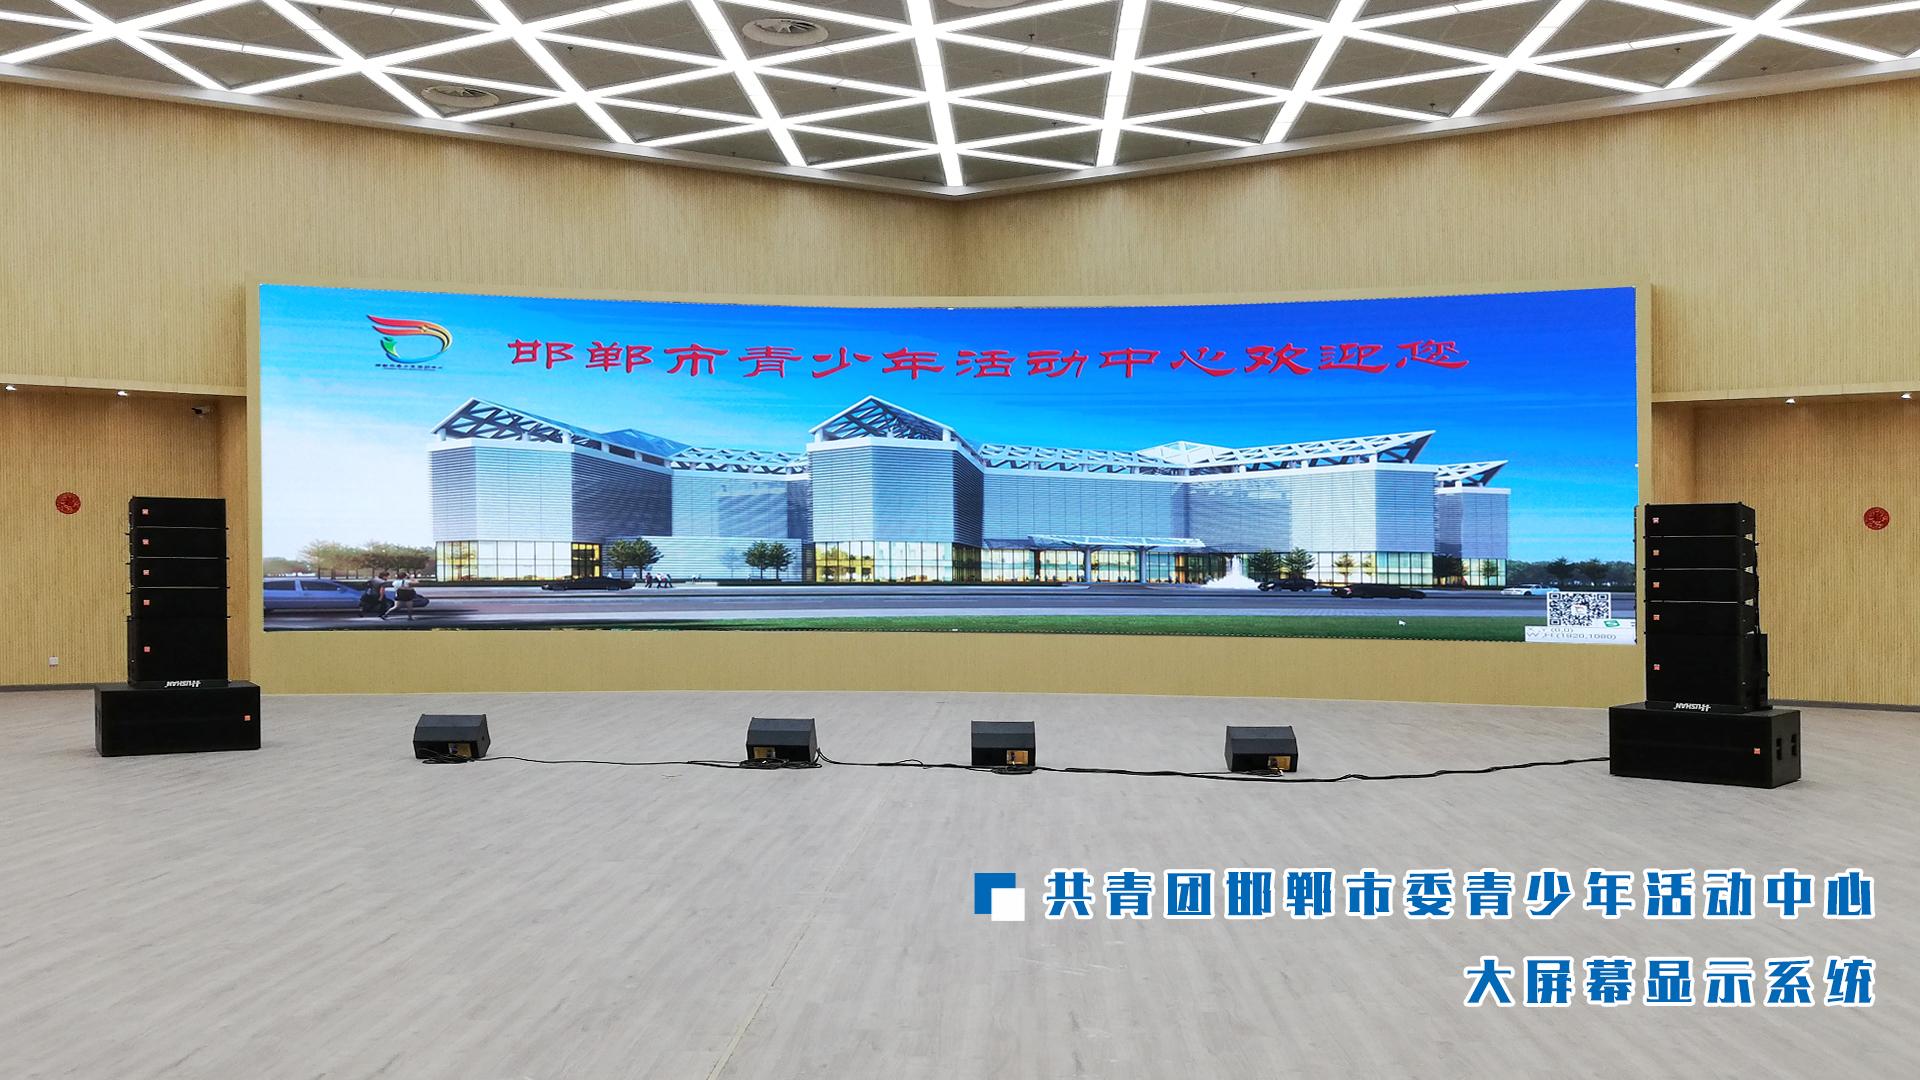 弧形LED屏供应厂家_LED幕墙屏相关-卓华光电科技集团有限公司